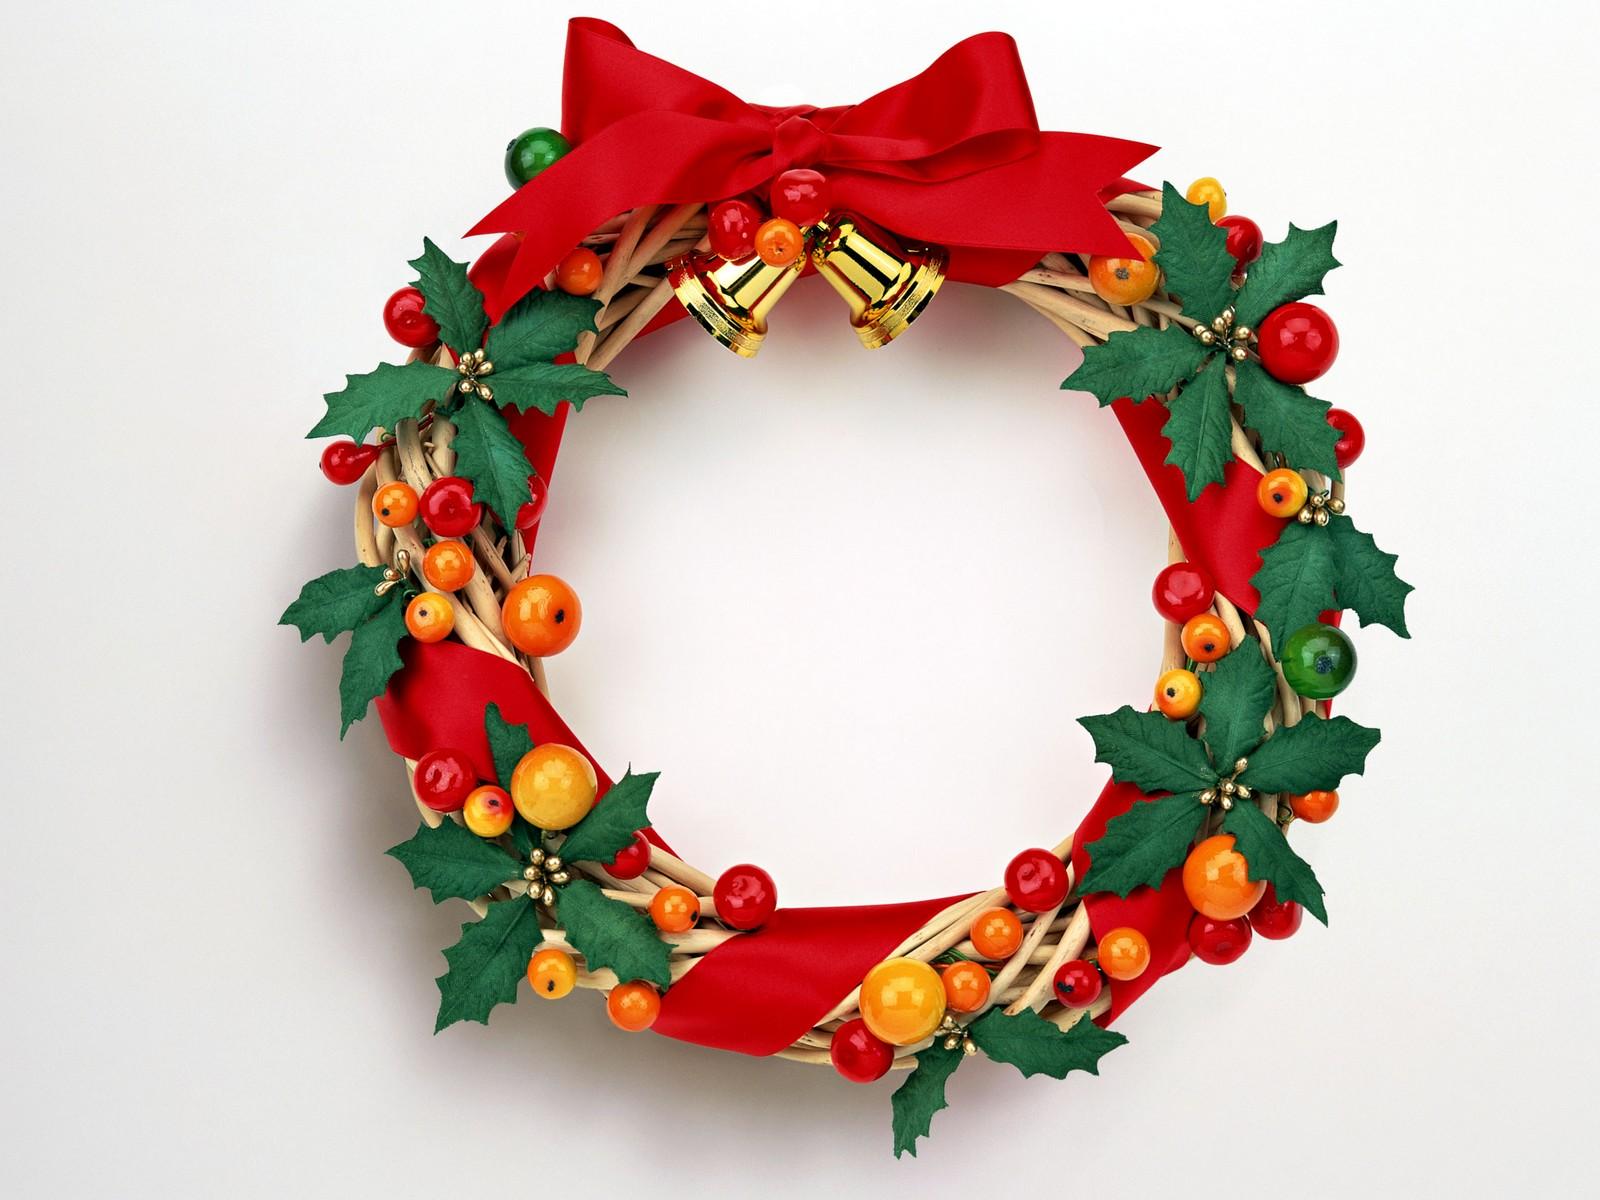 1600x1200 Christmas Wreath